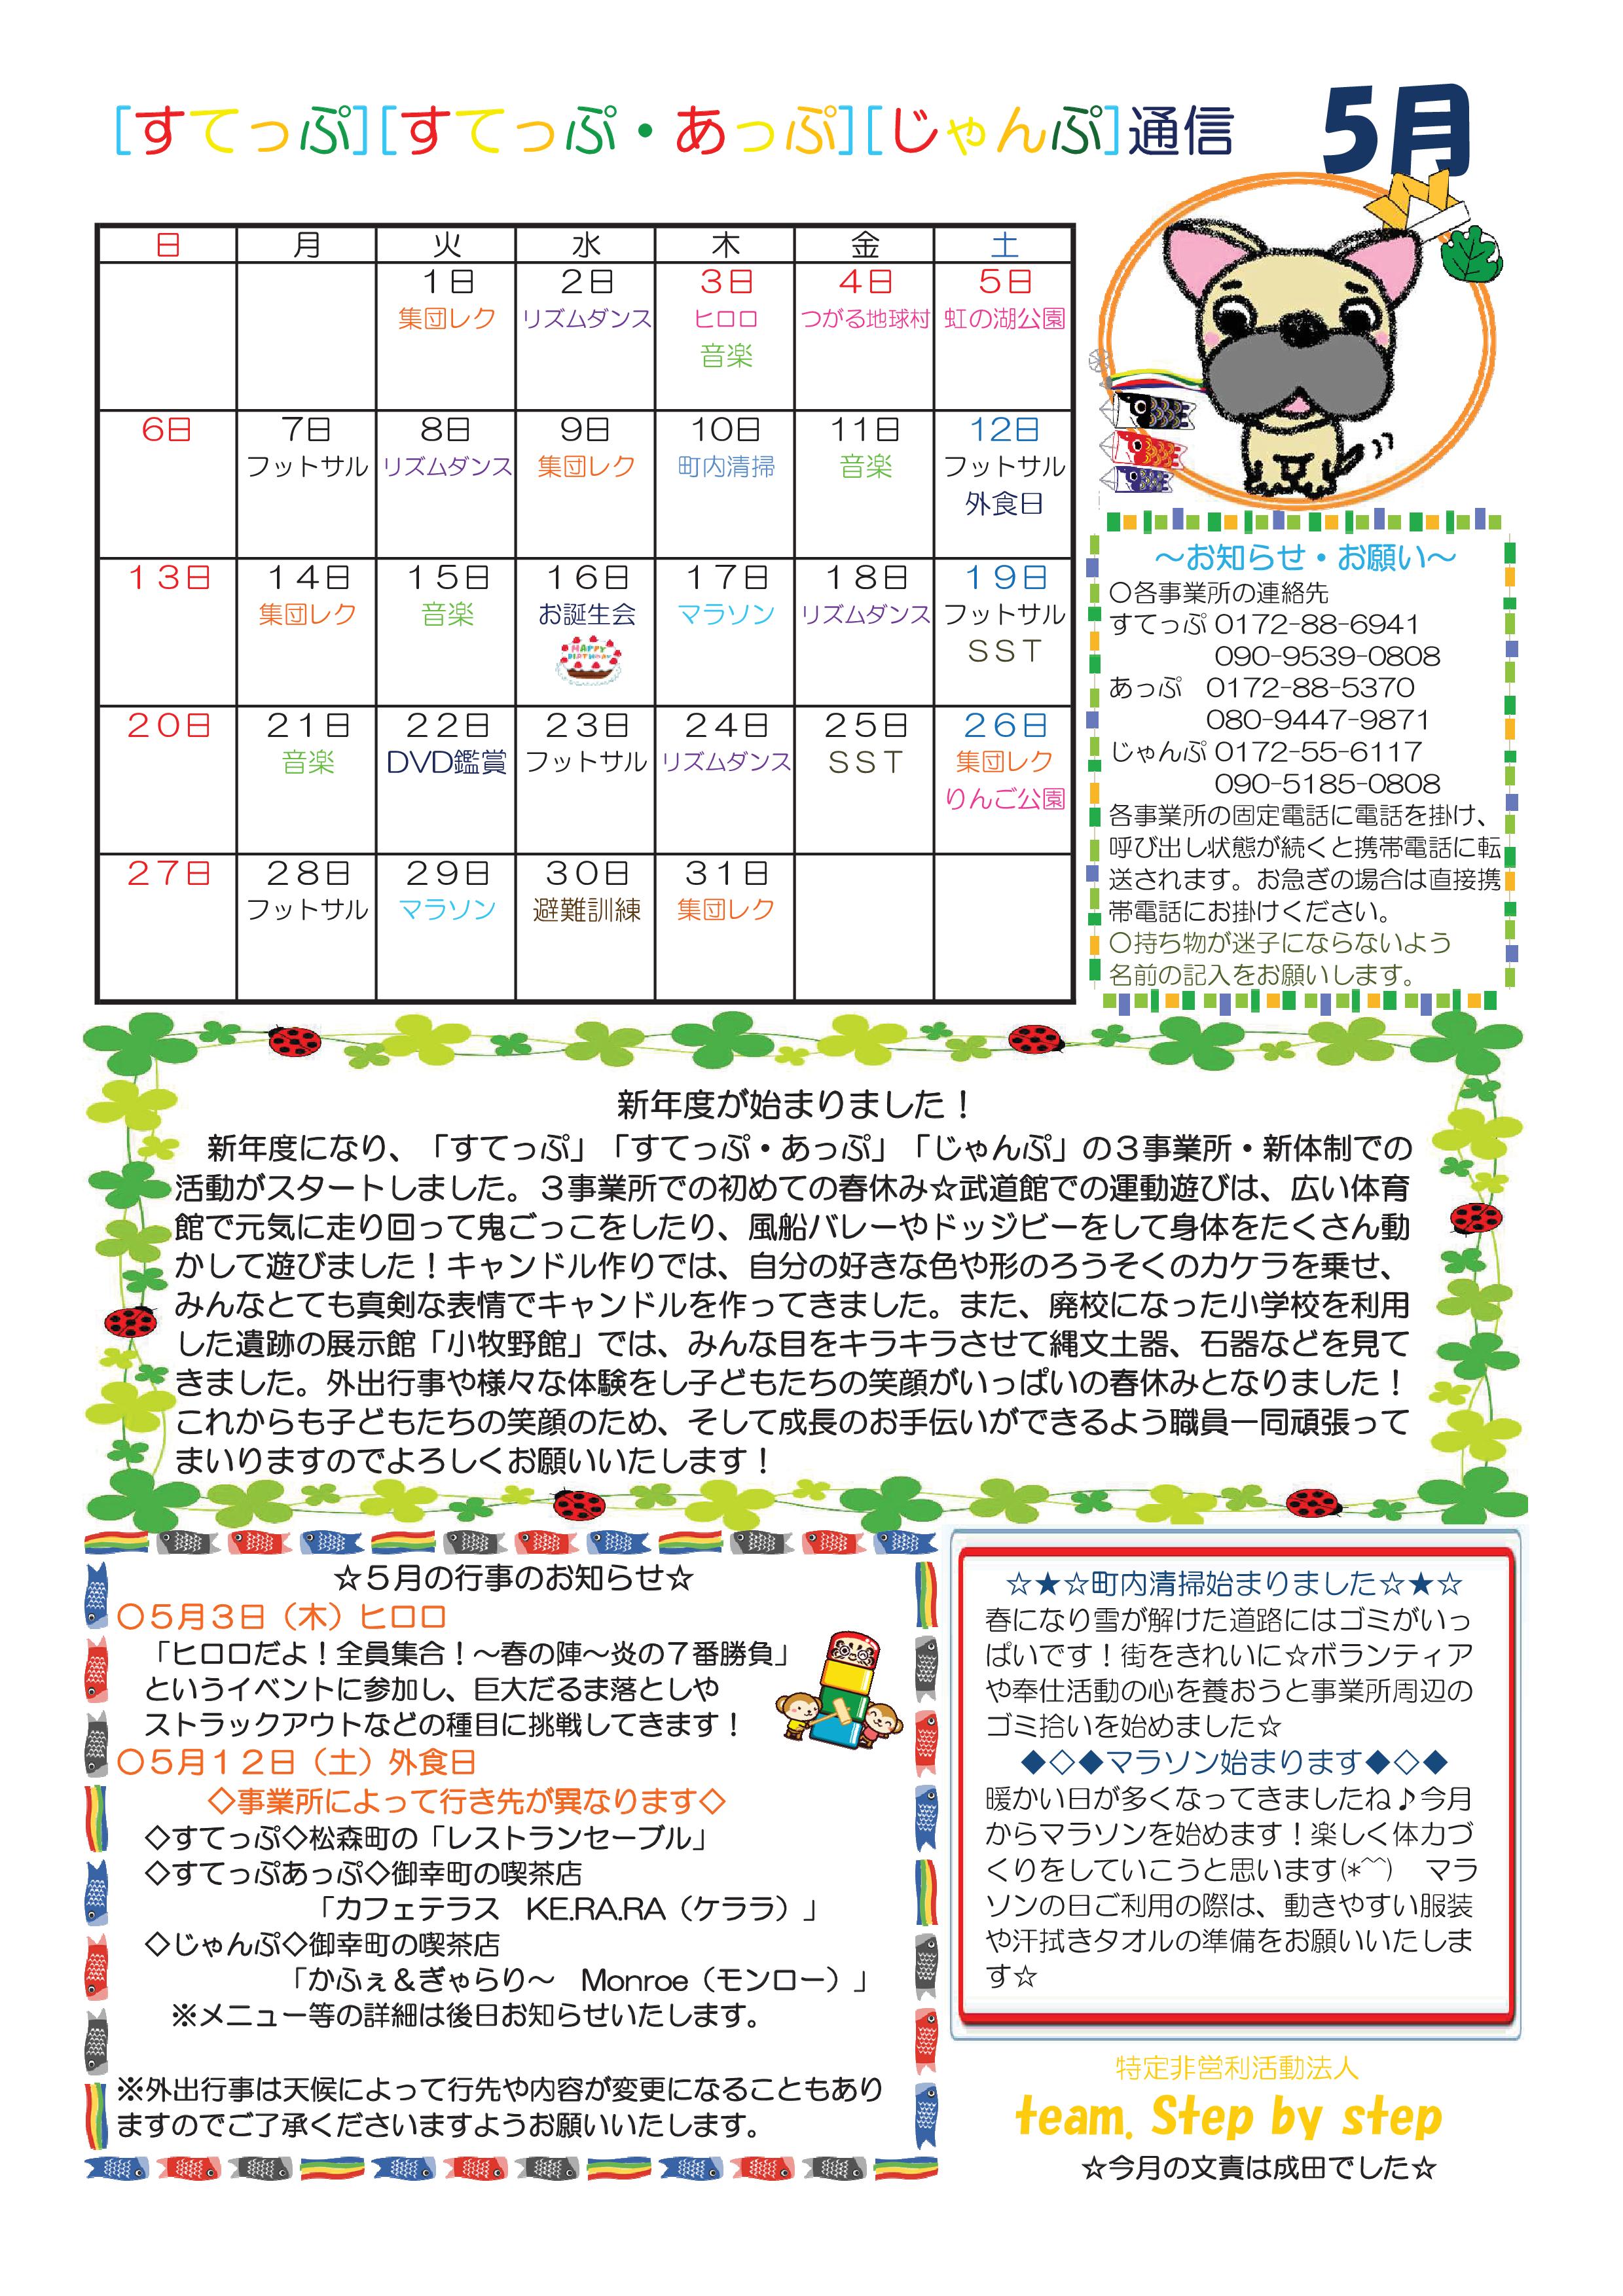 すてっぷ・すてっぷあっぷ・じゃんぷ通信2018年5月号